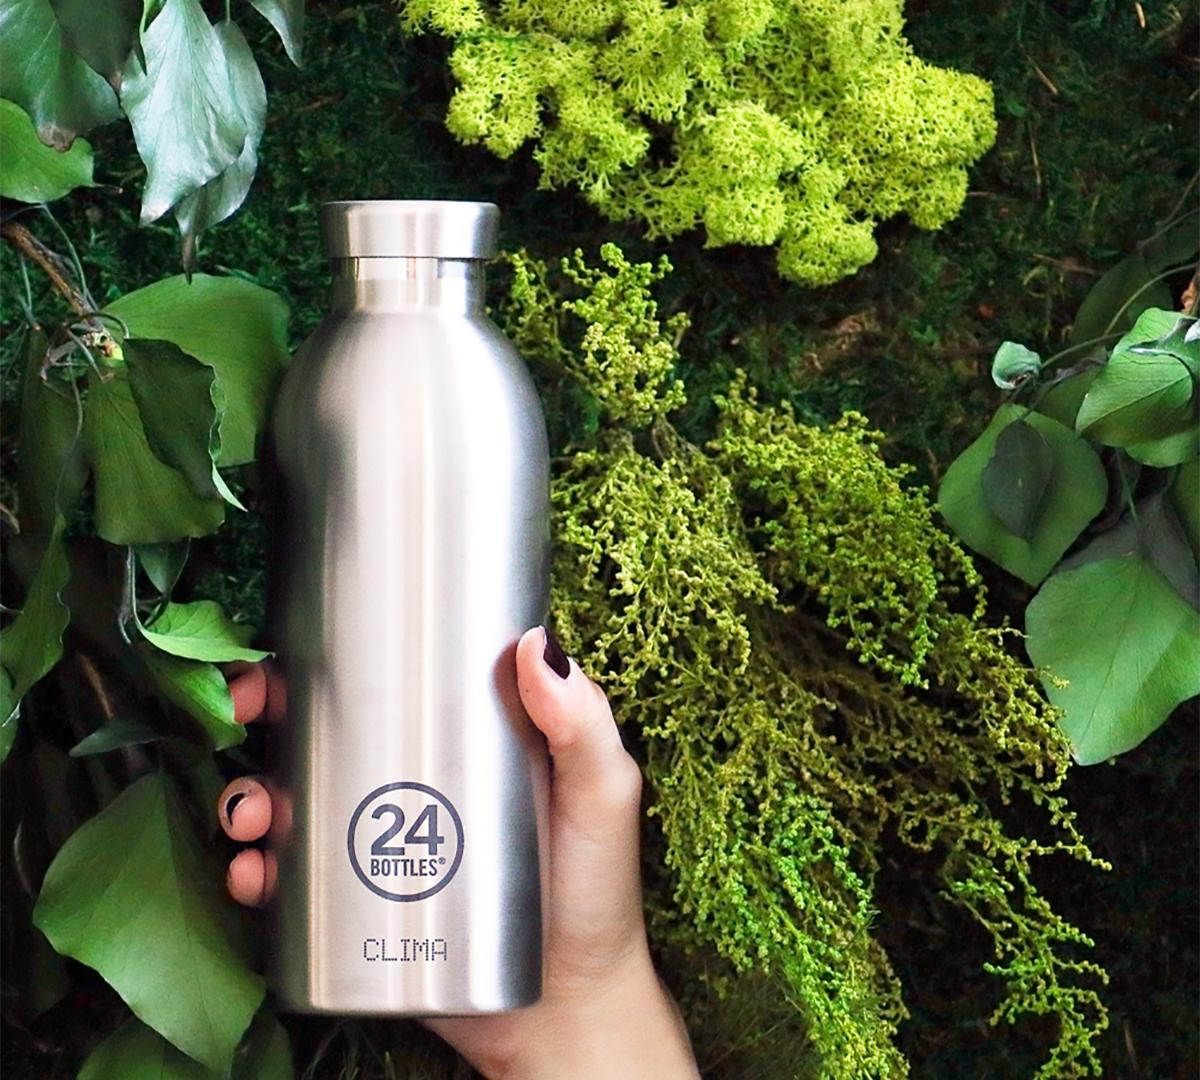 資源の無駄遣いを防ぐ、スタイリッシュなマイボトル|24BOTTLES